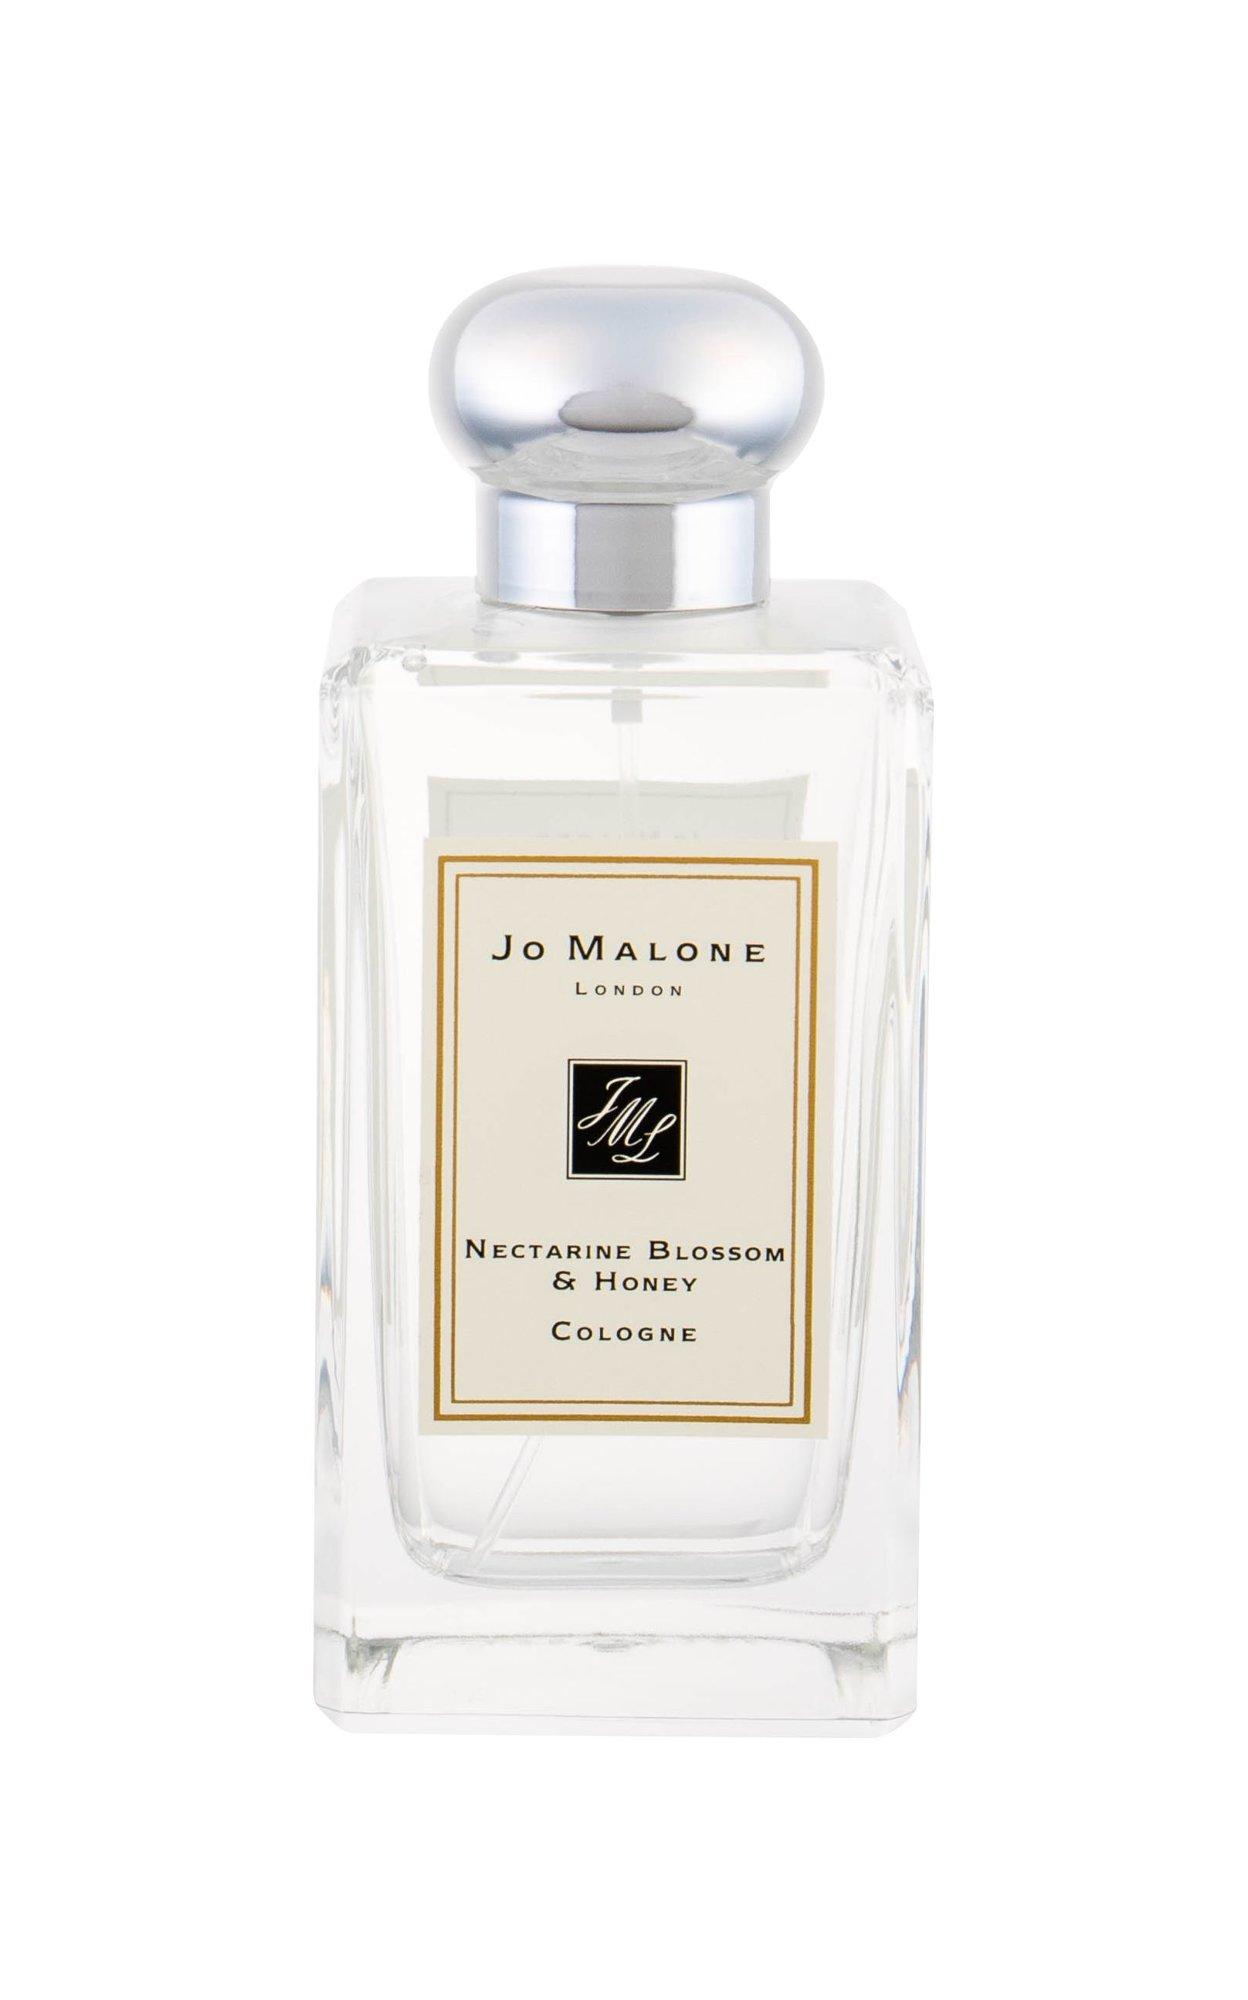 Jo Malone Nectarine Blossom & Honey, edc 100ml - Teszter